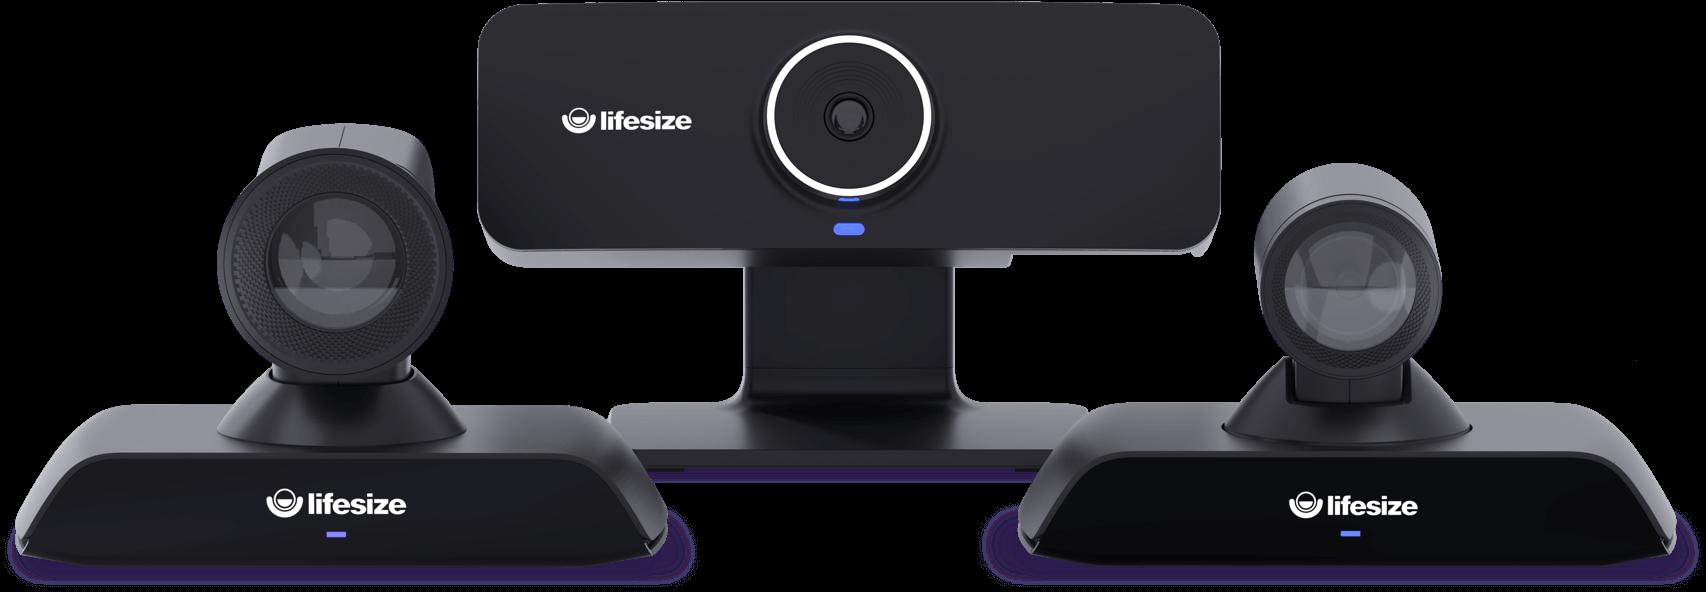 lifesize-icon-300-500-700-group-shot